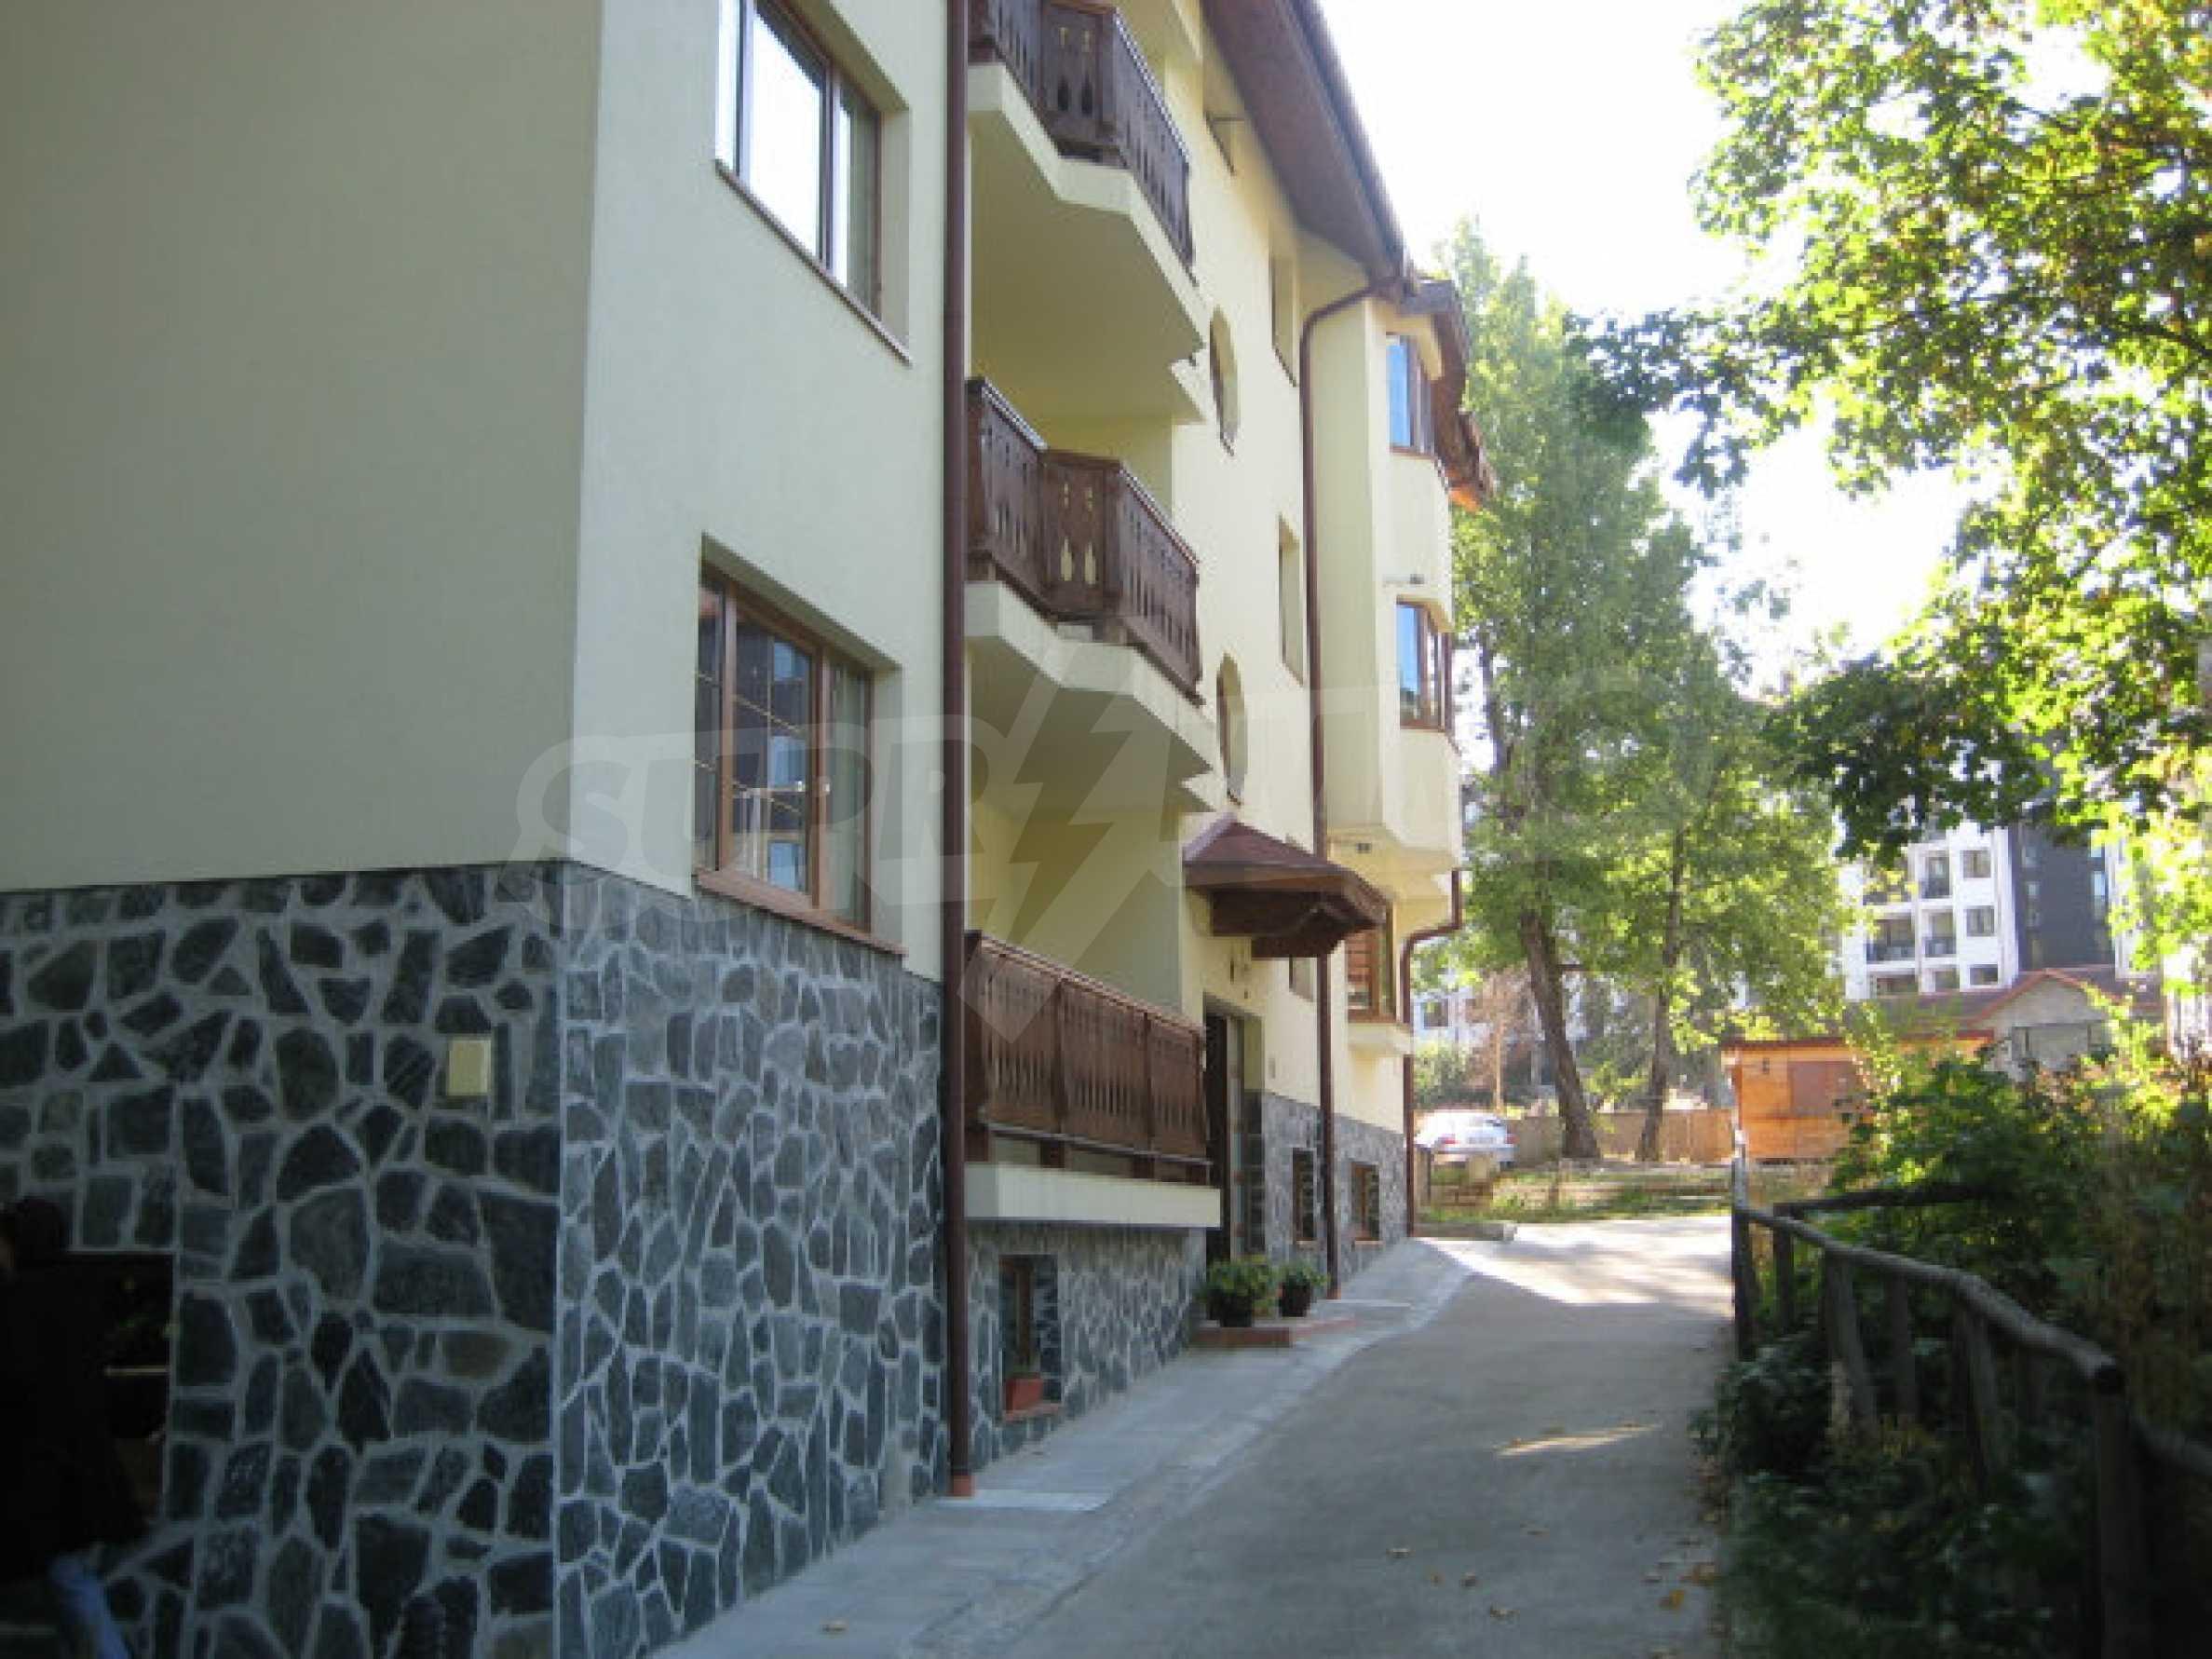 Апартаменти в алпийски стил само на 400 м от лифта в Боровец 28